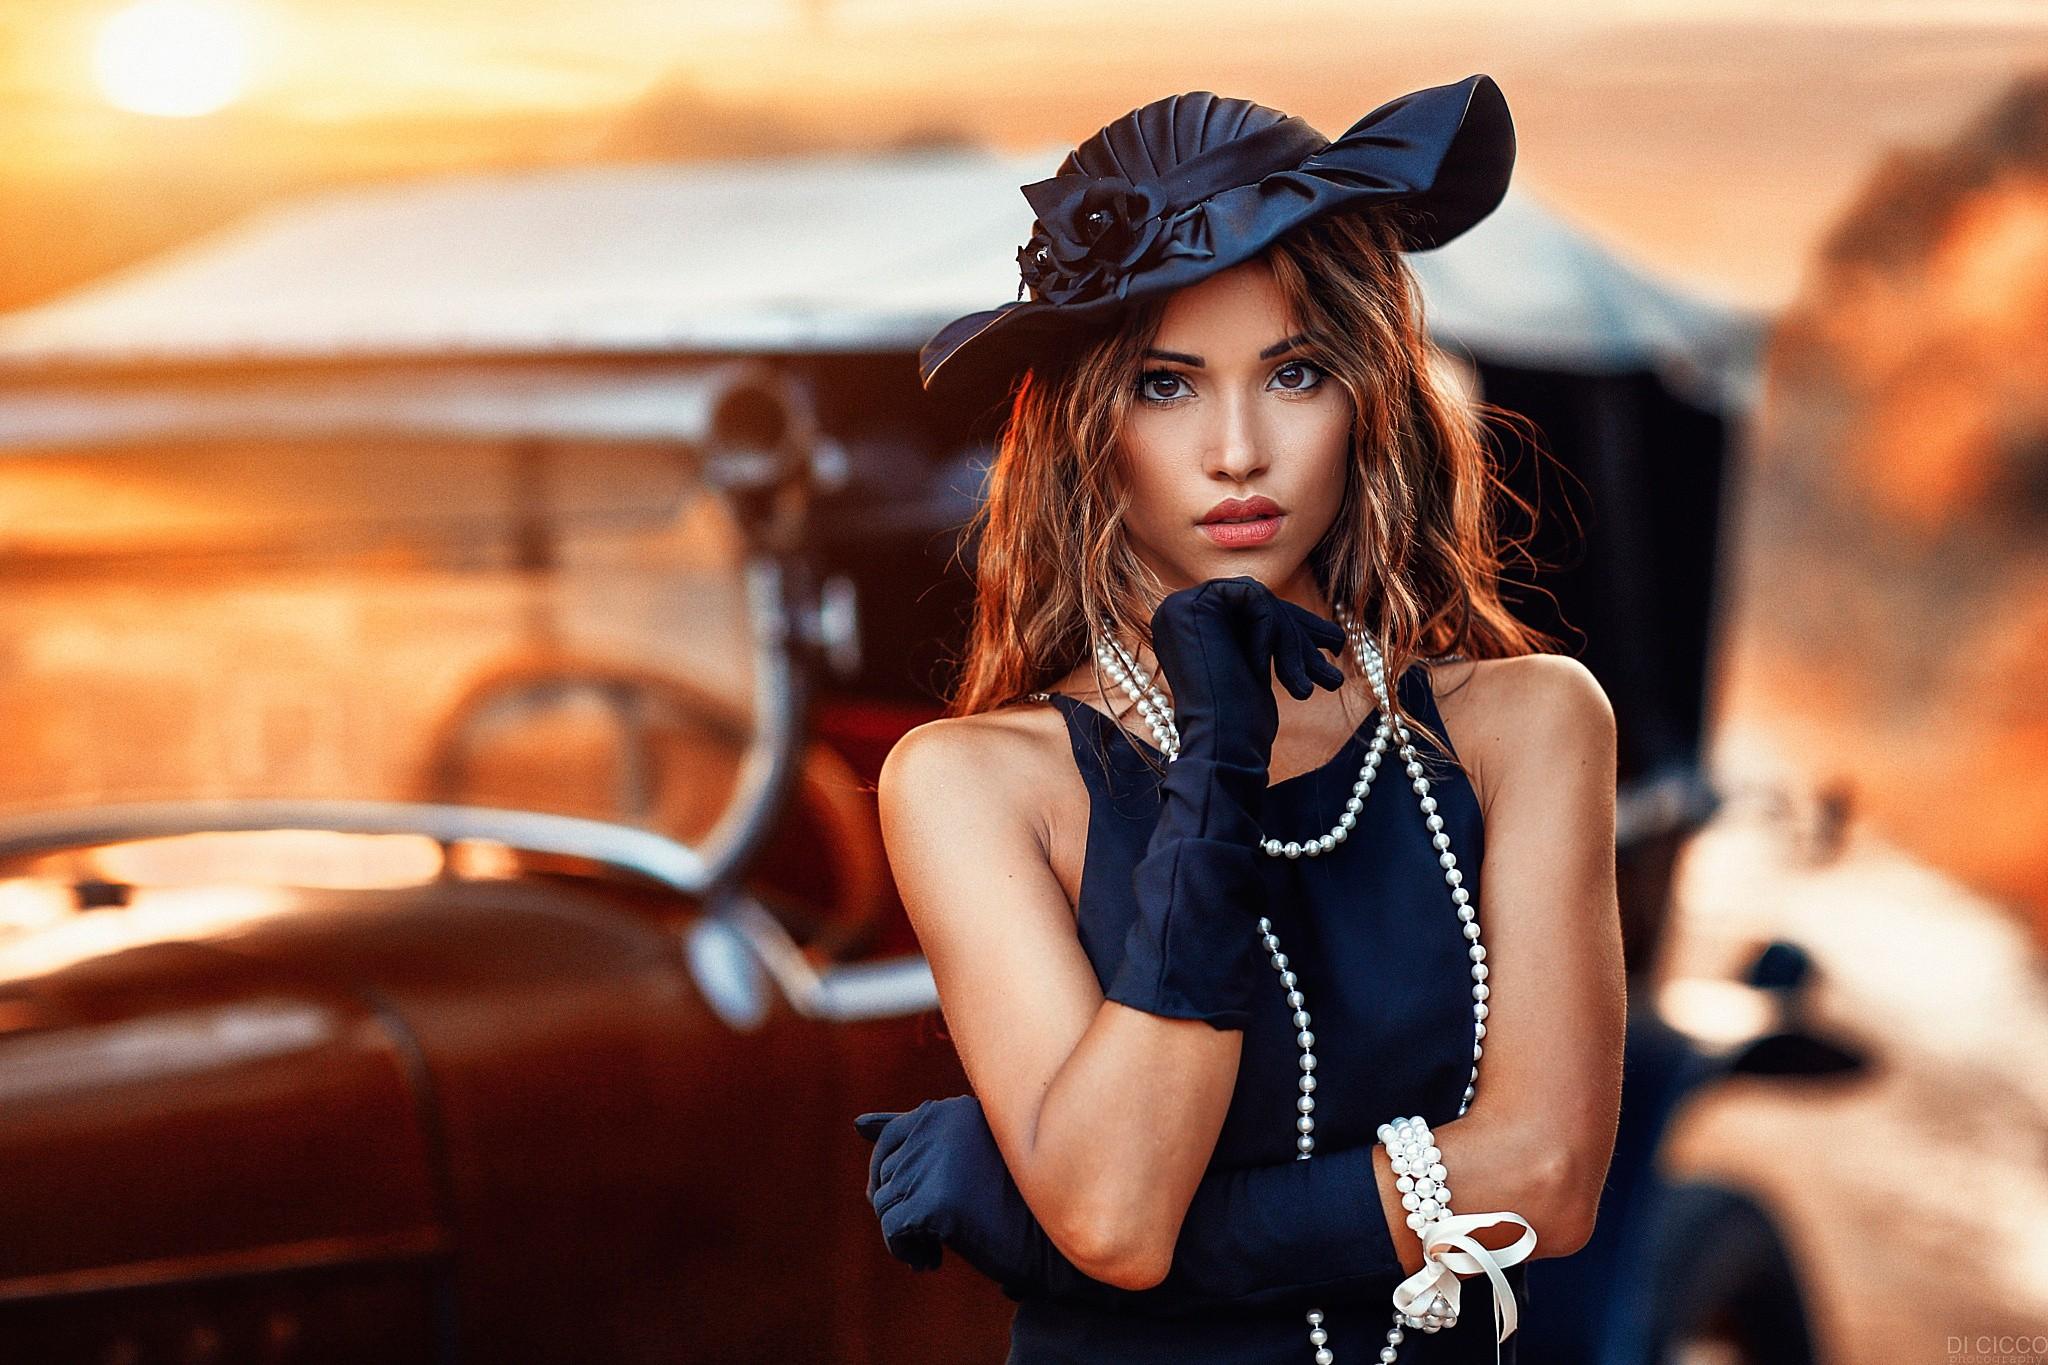 1eb0de681 Wallpaper : women, model, black dress, car, brunette, glasses ...